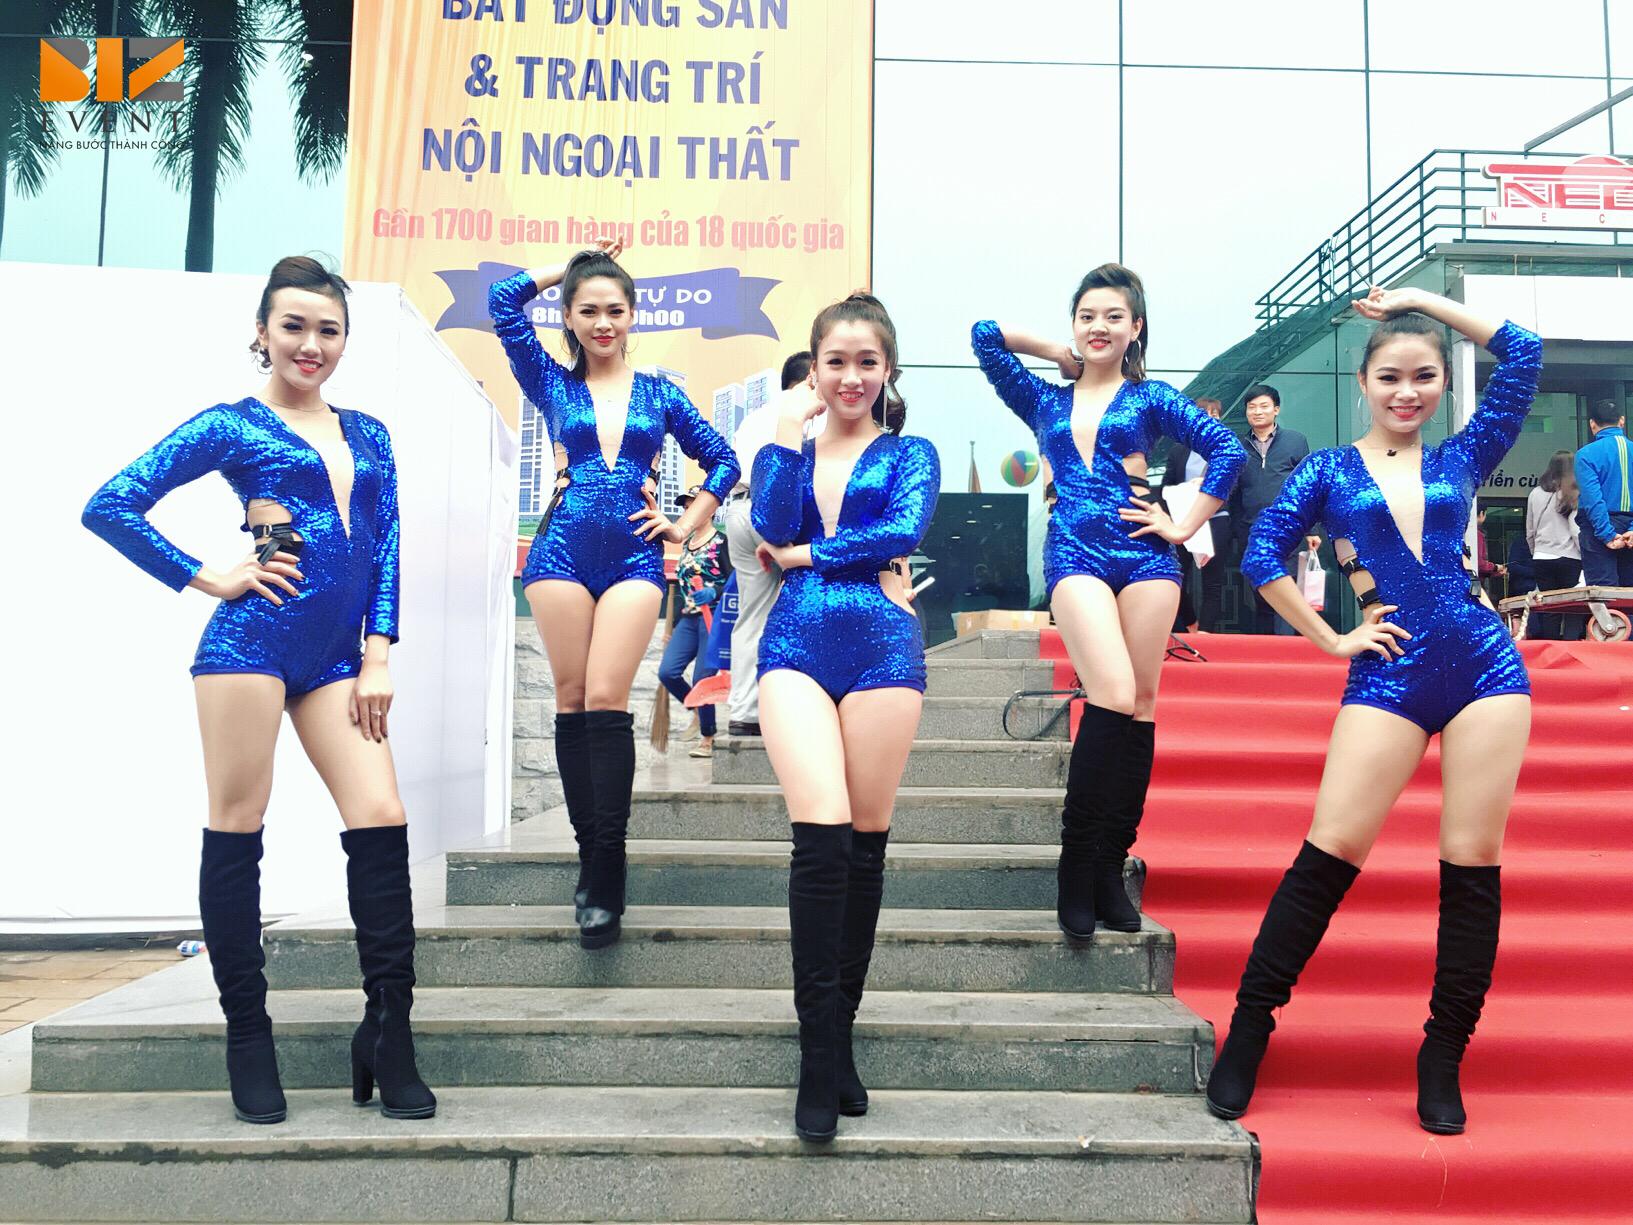 cho thue mc cho thue dan chuong trinh nhan su su kien539 - Báo giá cho thuê nhân sự: MC,PG, PB, Ca sĩ, ban nhạc, nhóm nhảy nhóm múa